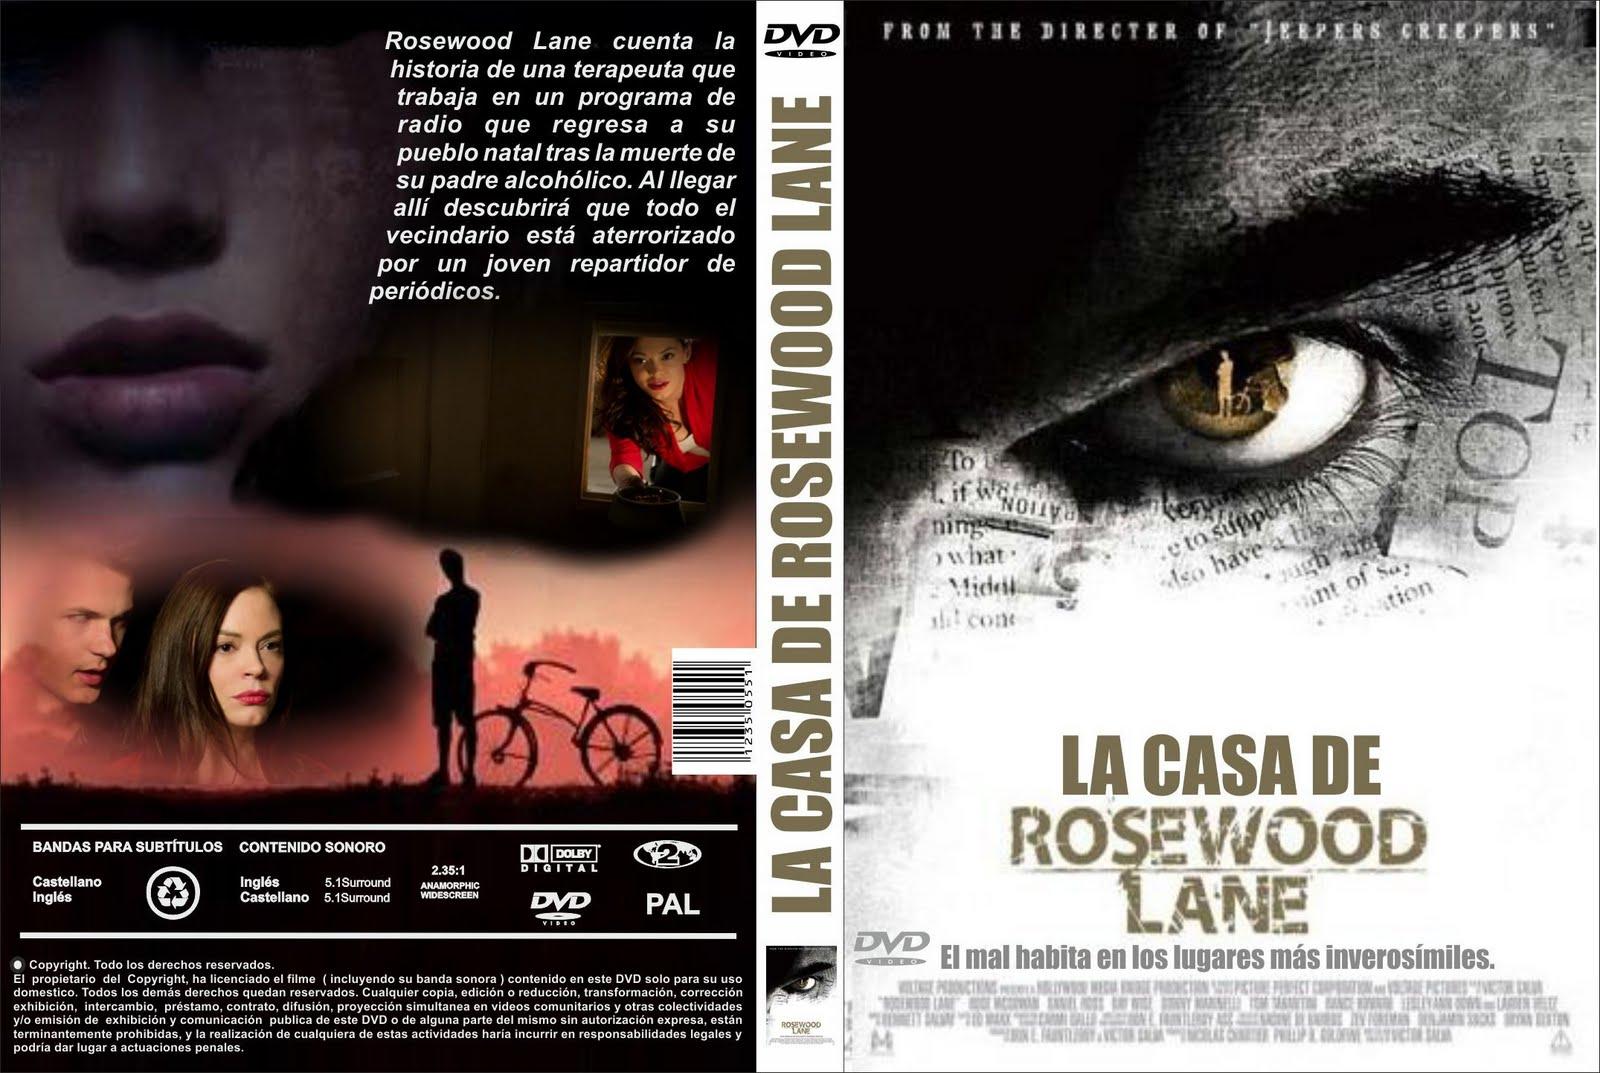 http://4.bp.blogspot.com/-BE7ib-hdv2U/UFUL9xLOxJI/AAAAAAAACBY/-OvJ9pcZv2E/s1600/La+Casa+De+Rosewood+Lane.jpg